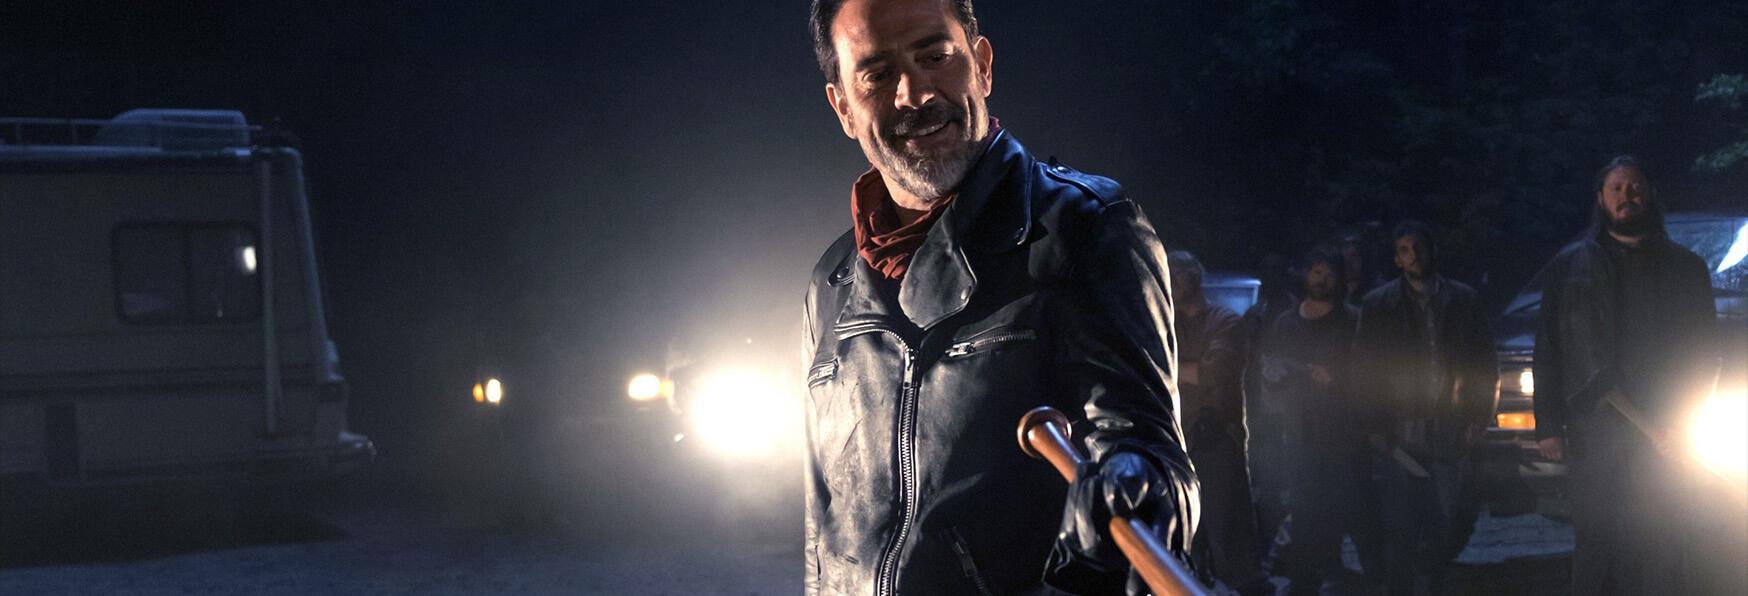 The Walking Dead: l'interprete di Negan svela una Scena Inedita della 9° Stagione